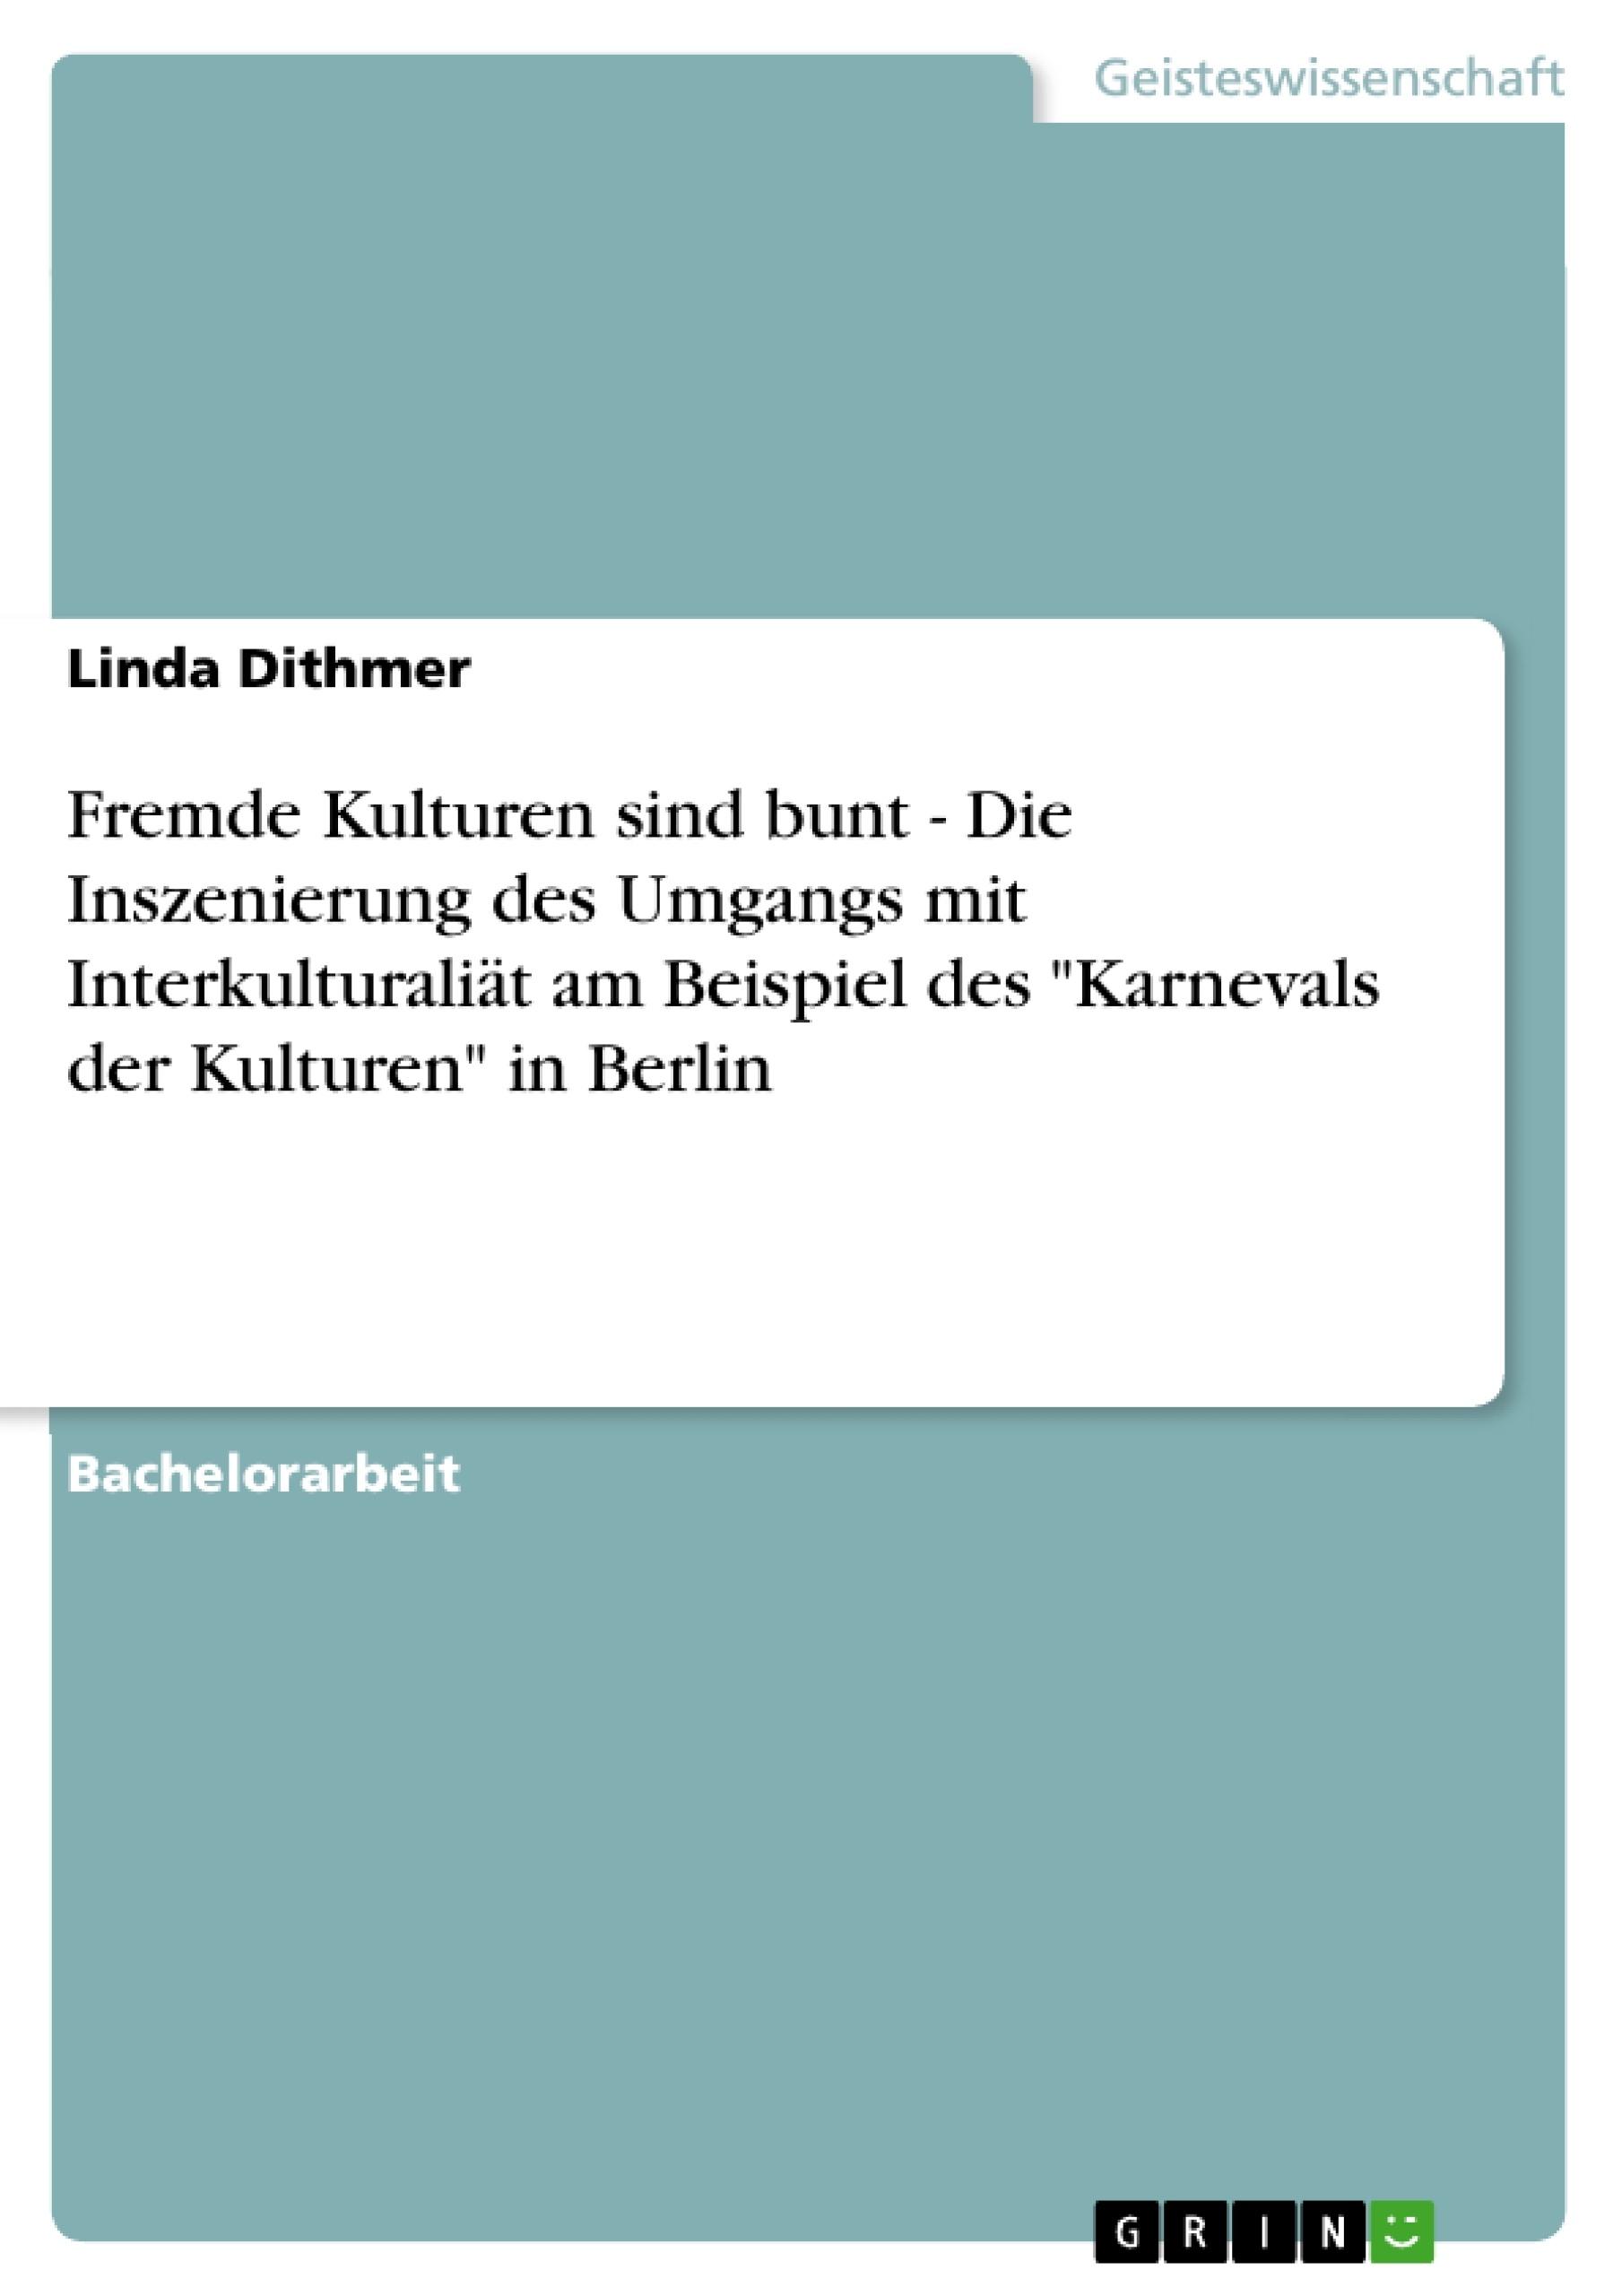 """Titel: Fremde Kulturen sind bunt - Die Inszenierung des Umgangs mit Interkulturaliät am Beispiel des """"Karnevals der Kulturen"""" in Berlin"""